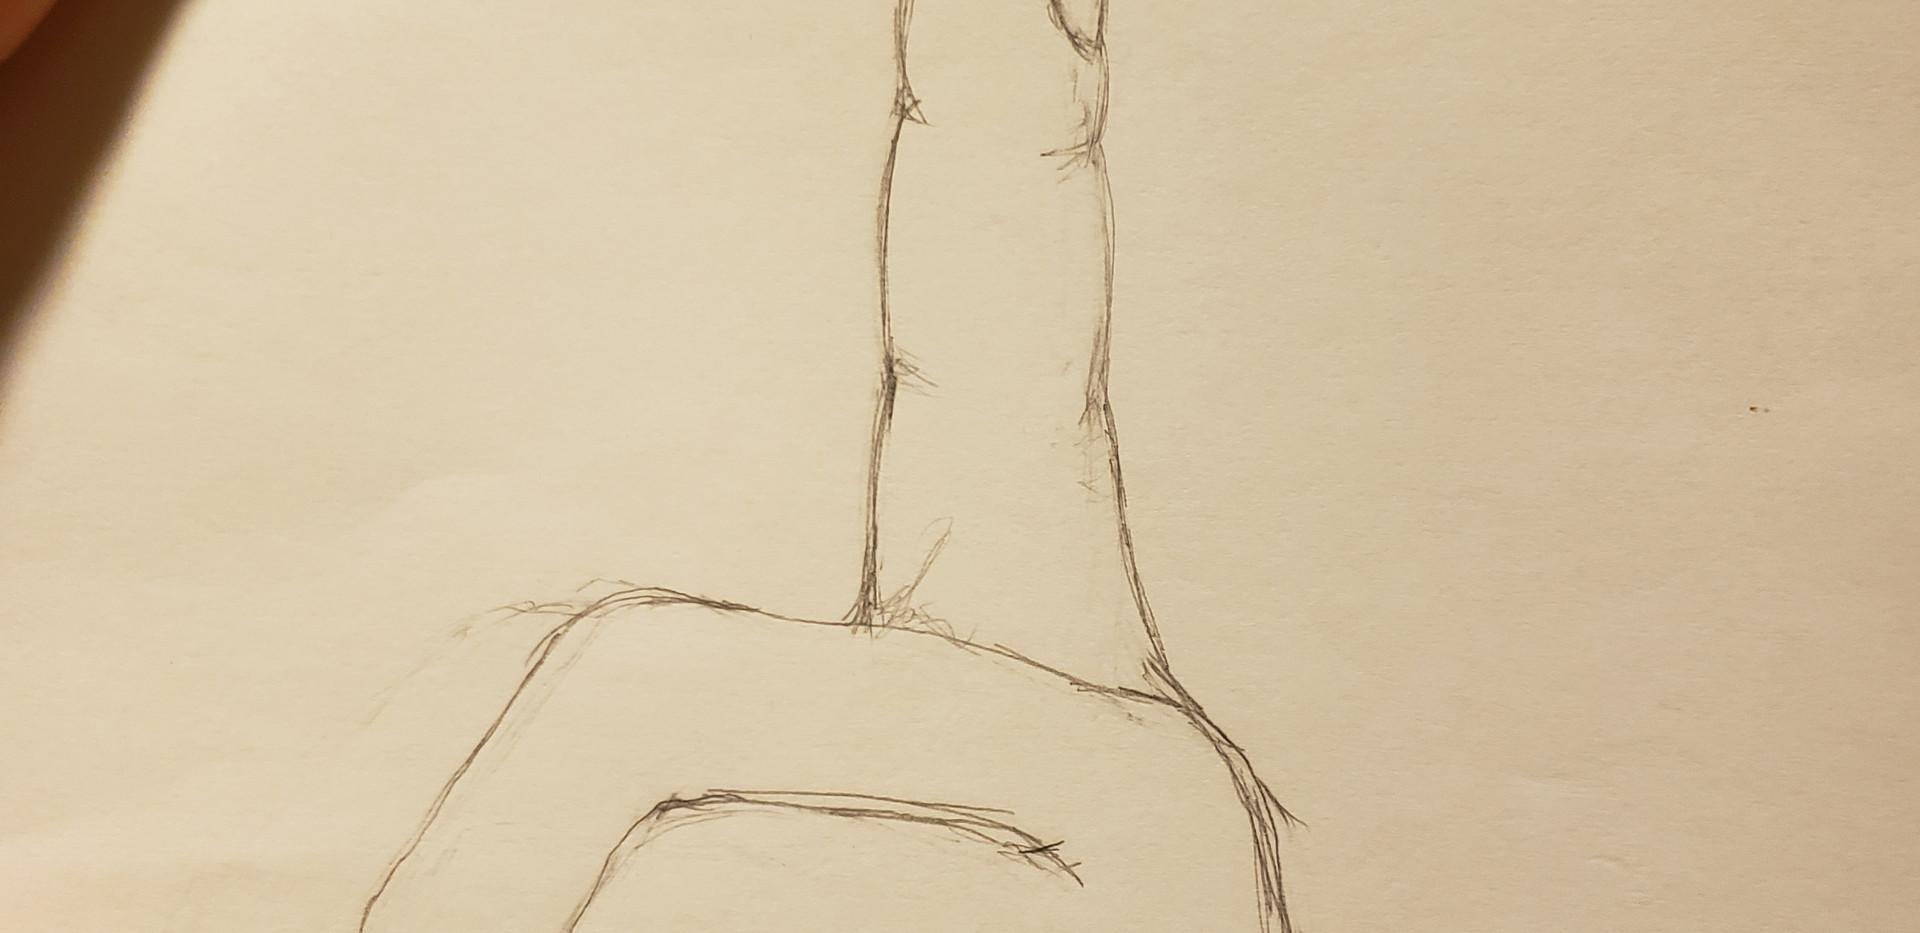 Santa's hand sketch